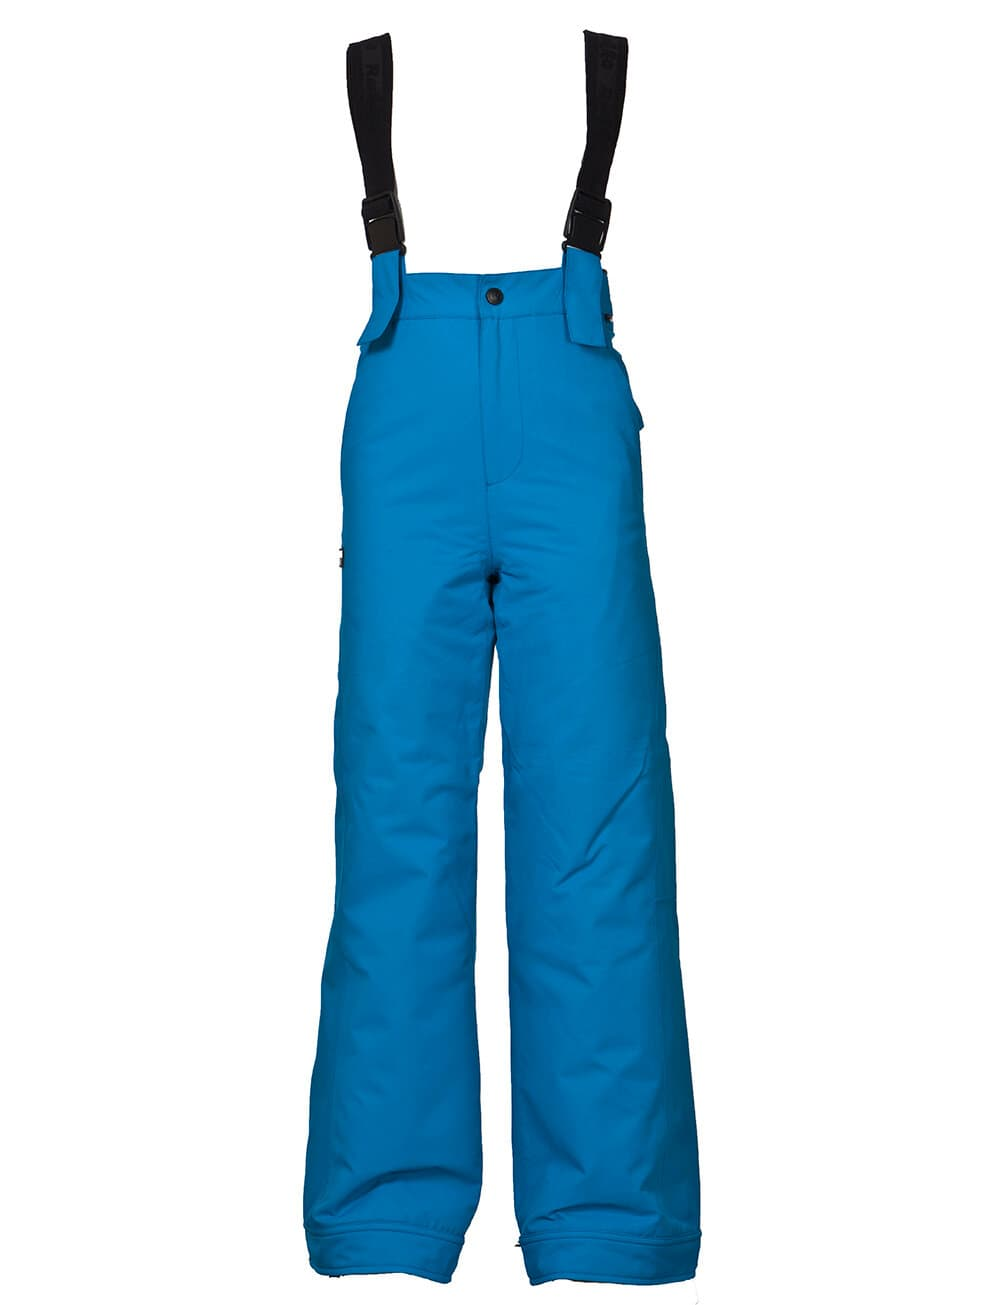 Rukka Racer Pantaloni da sci da bambini